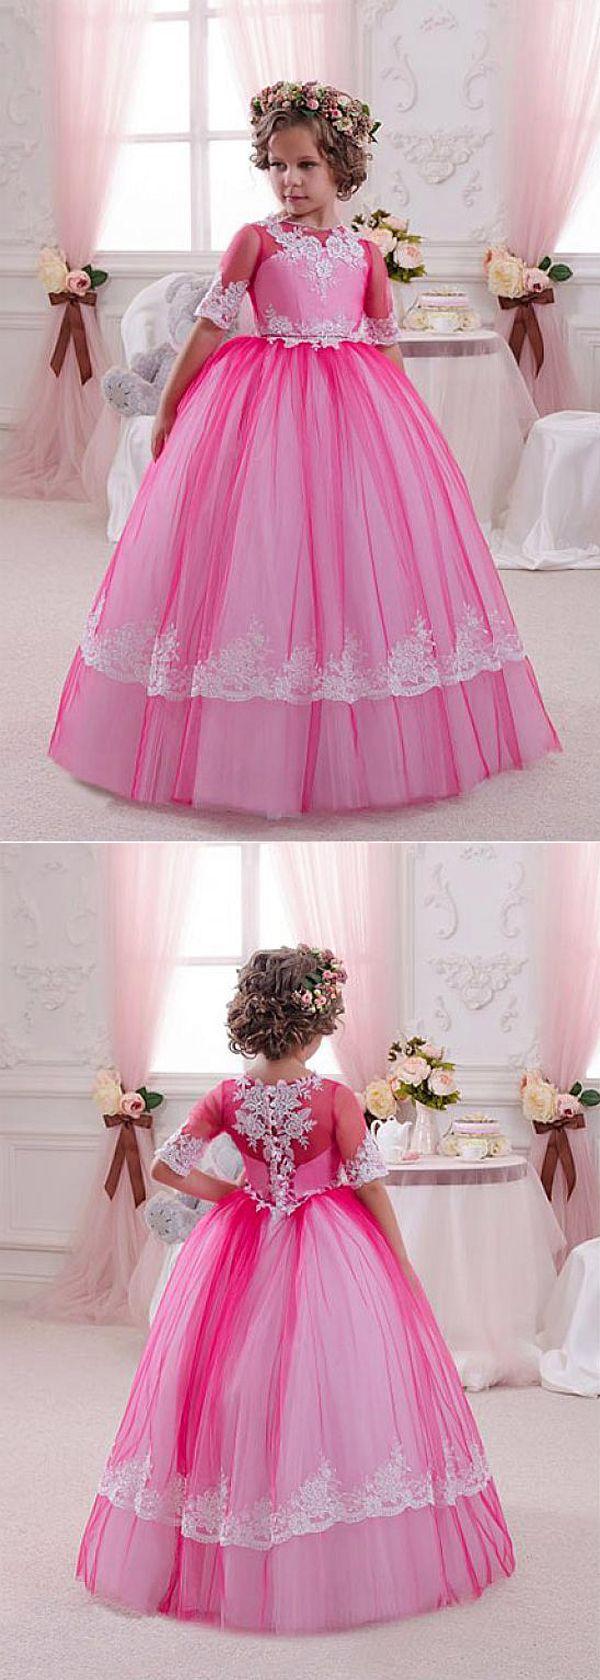 134 best Wedding Flower Girl Dresses images on Pinterest